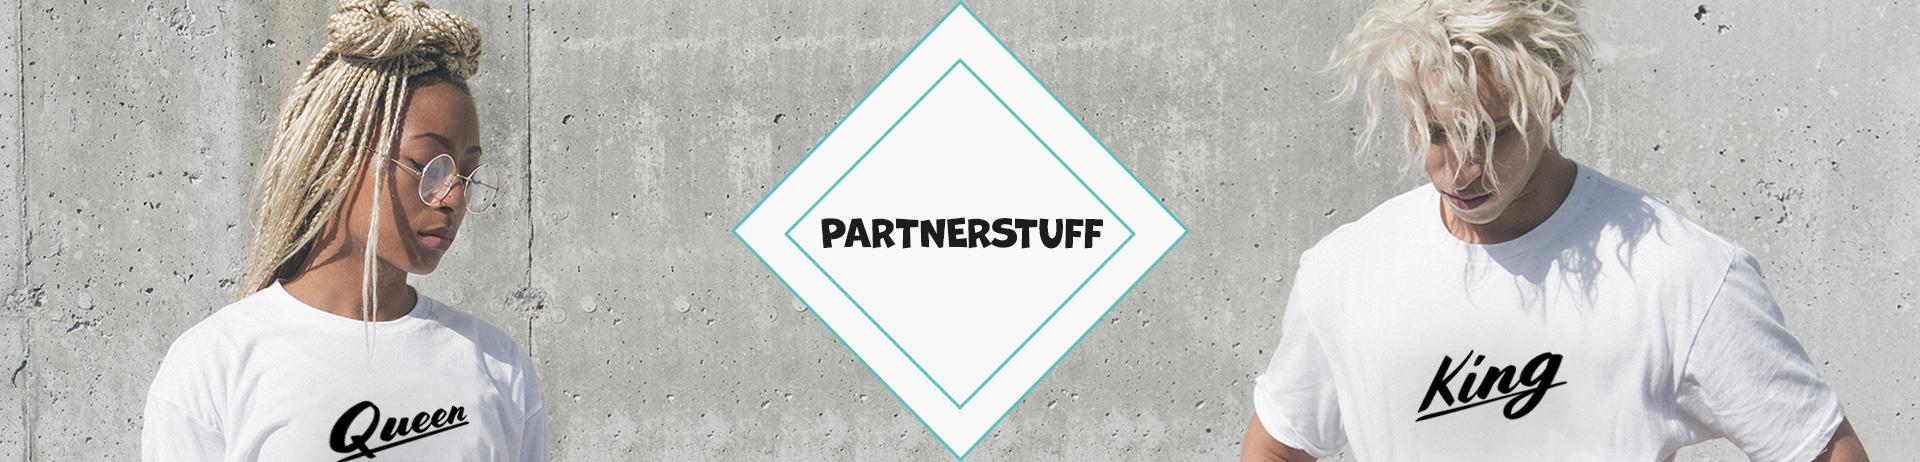 Pärchen Shirt - Partnerstuff Shirts & Hoodies | Bundles